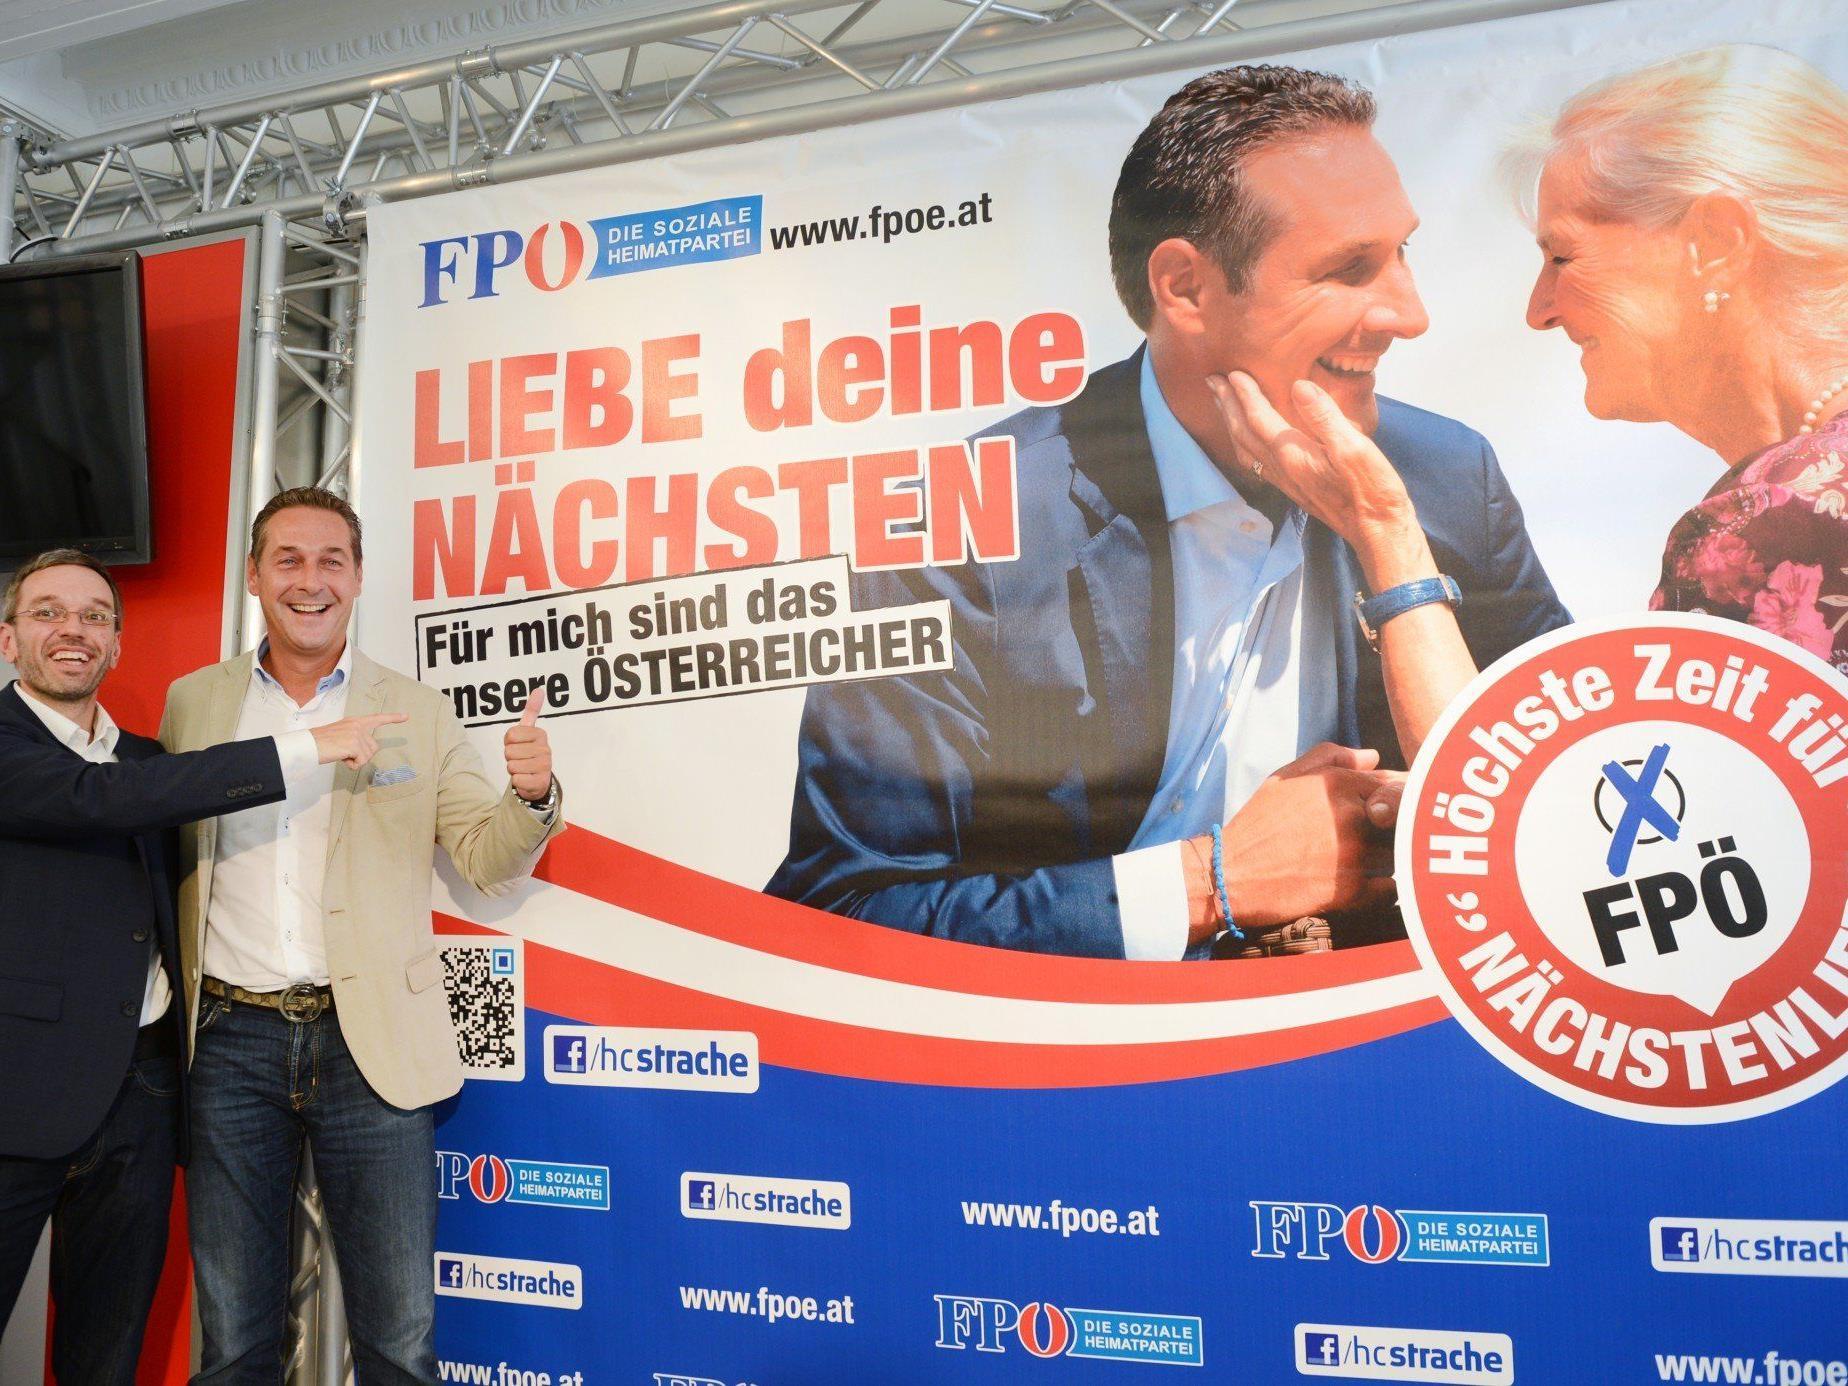 """Strache setzt mit seiner neuen Plakatkampagne auf """"Nächstenliebe""""."""